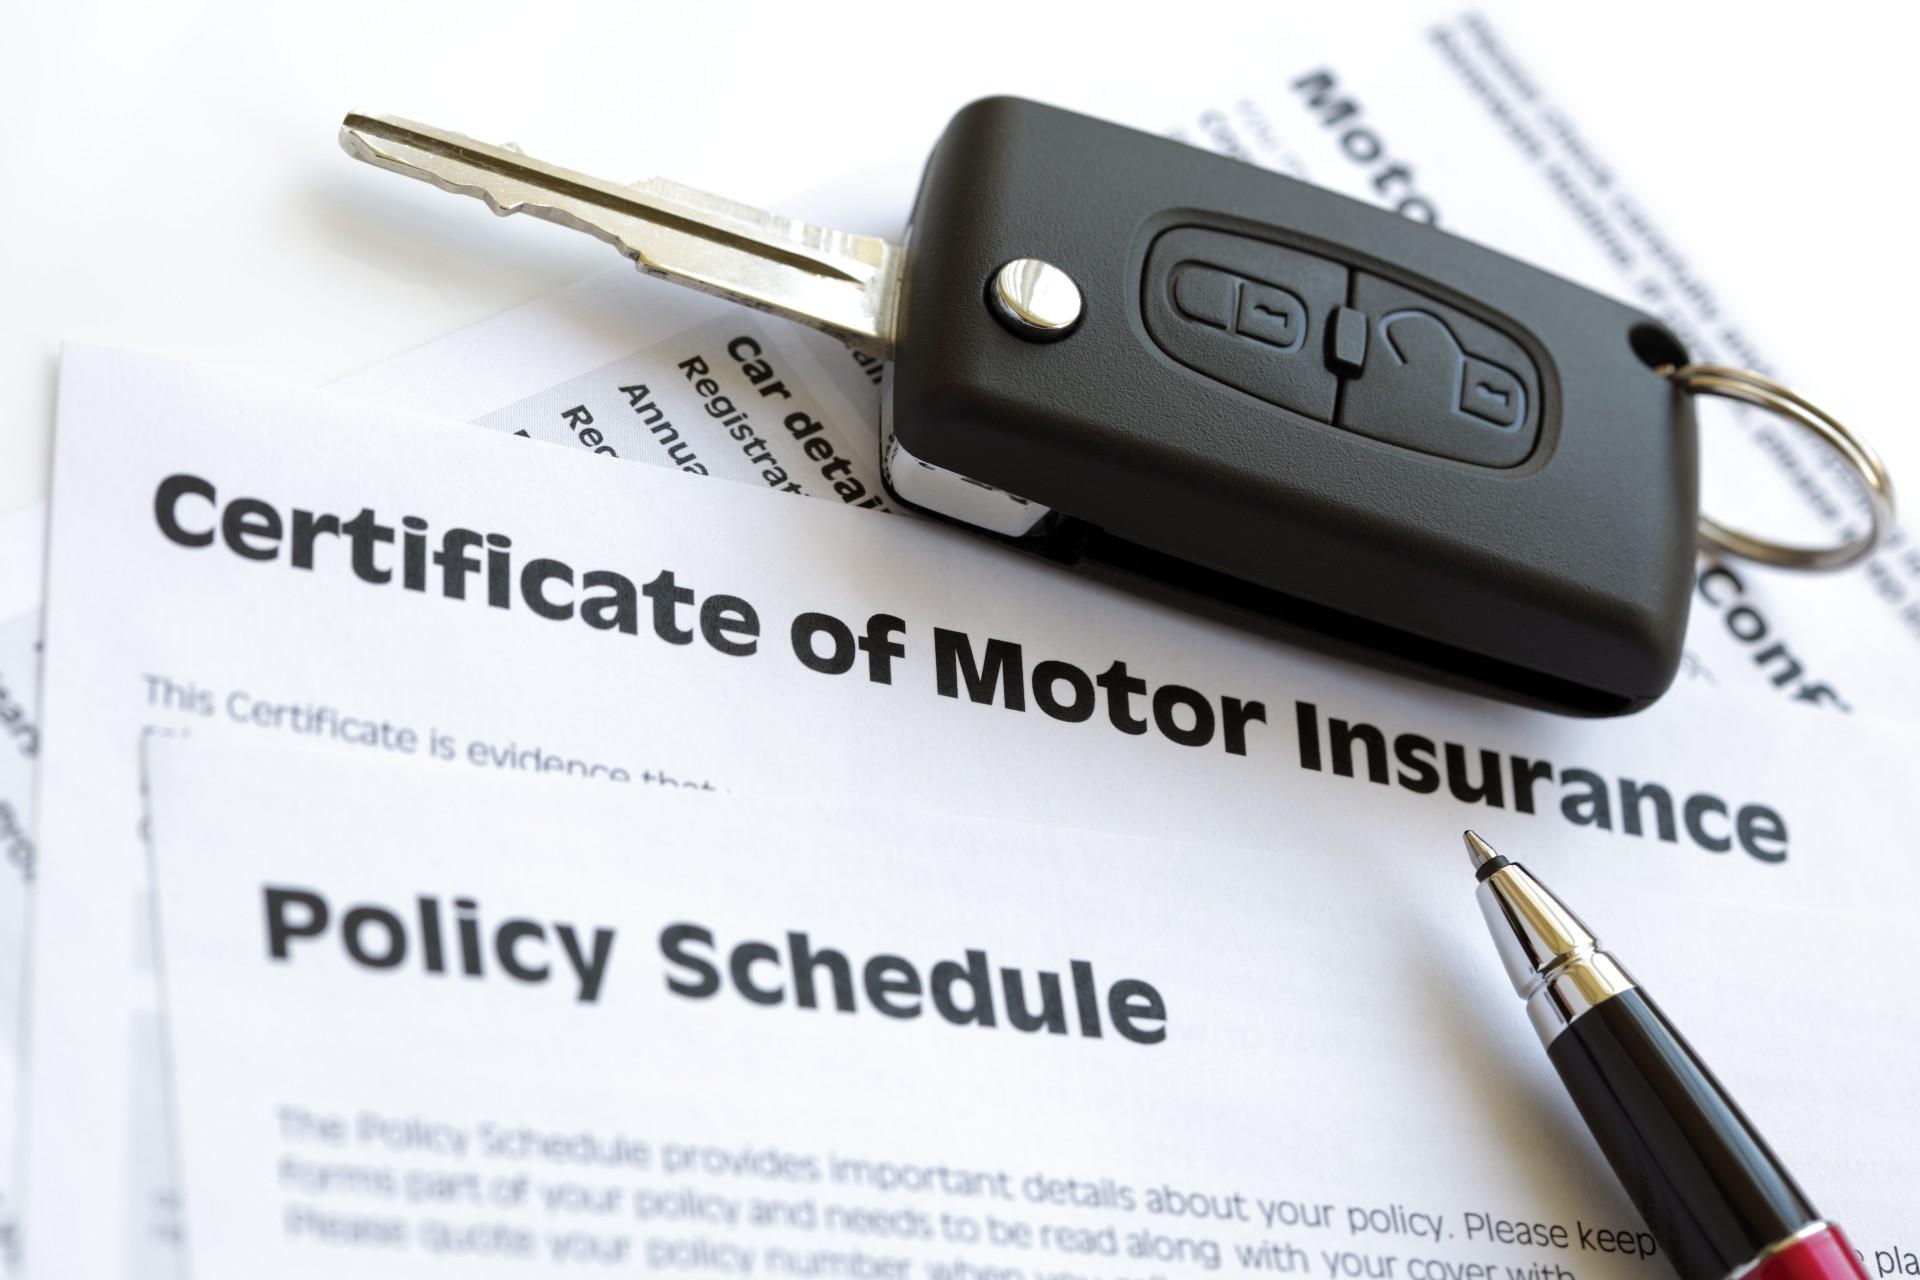 car insurance.jpg (257 KB)